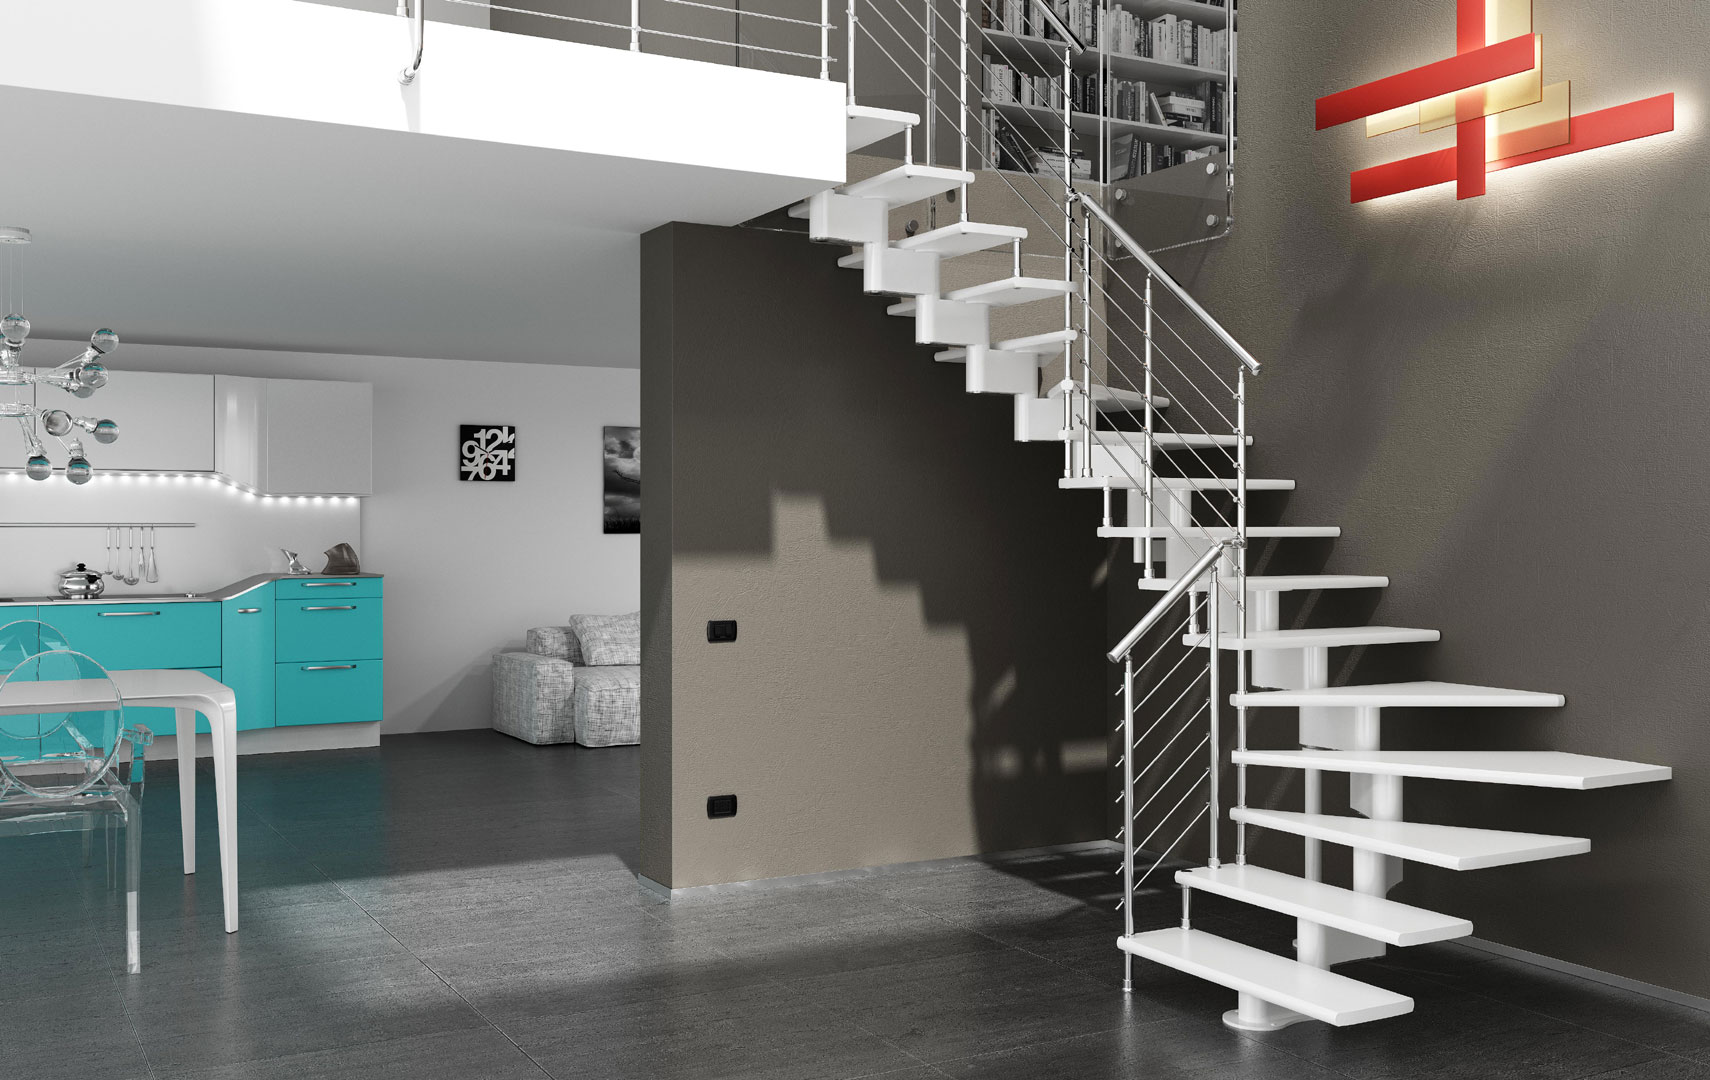 Tende Per Finestre Scale scopri le novità sul mondo delle scale mobirolo | maffeisistemi